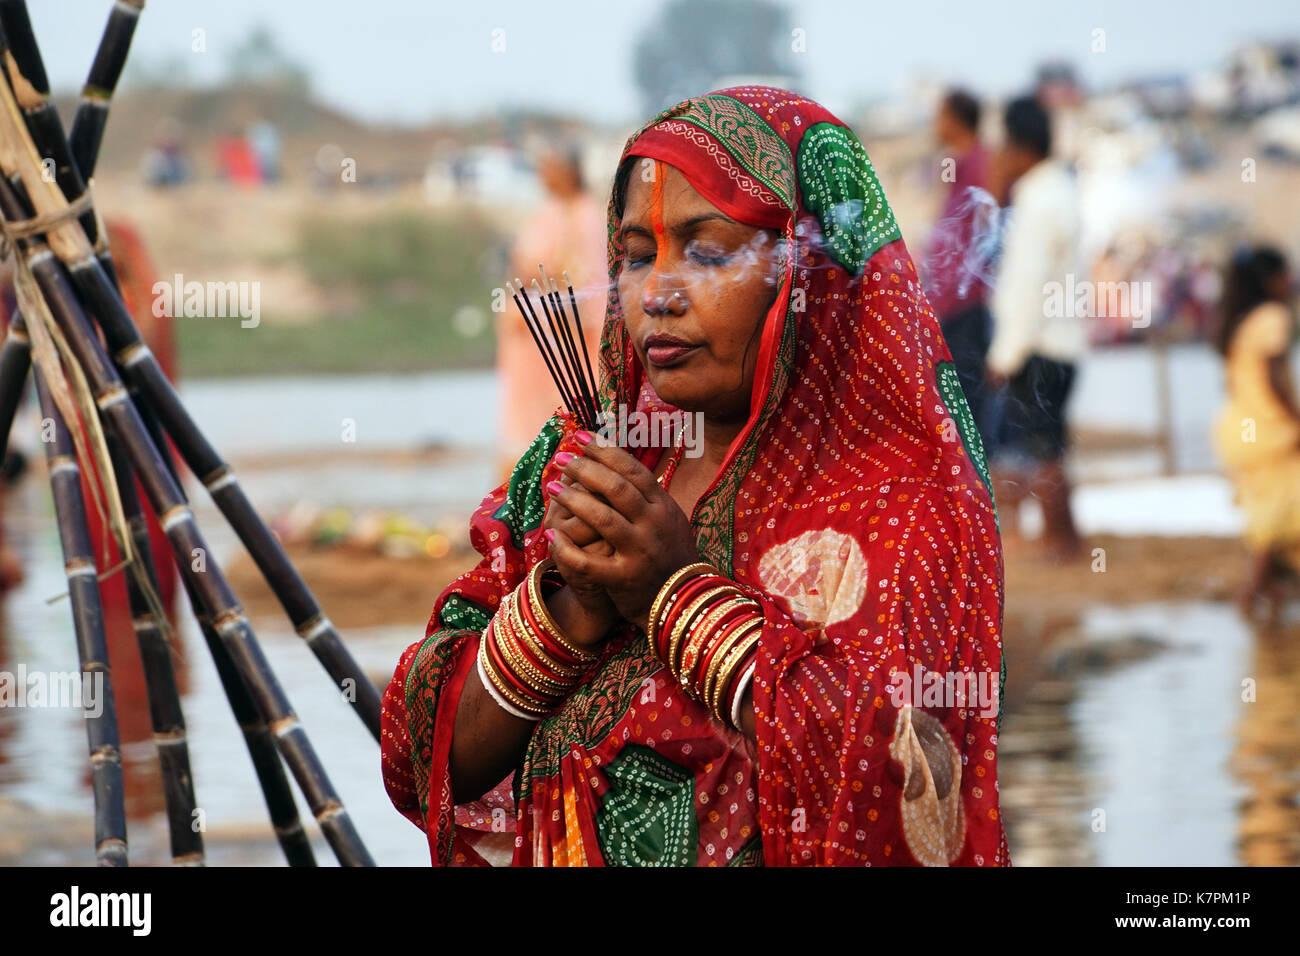 Les yeux fermés, un dévot adorant le dieu soleil à l'occasion de festival chhath ,l'Inde. Photo Stock